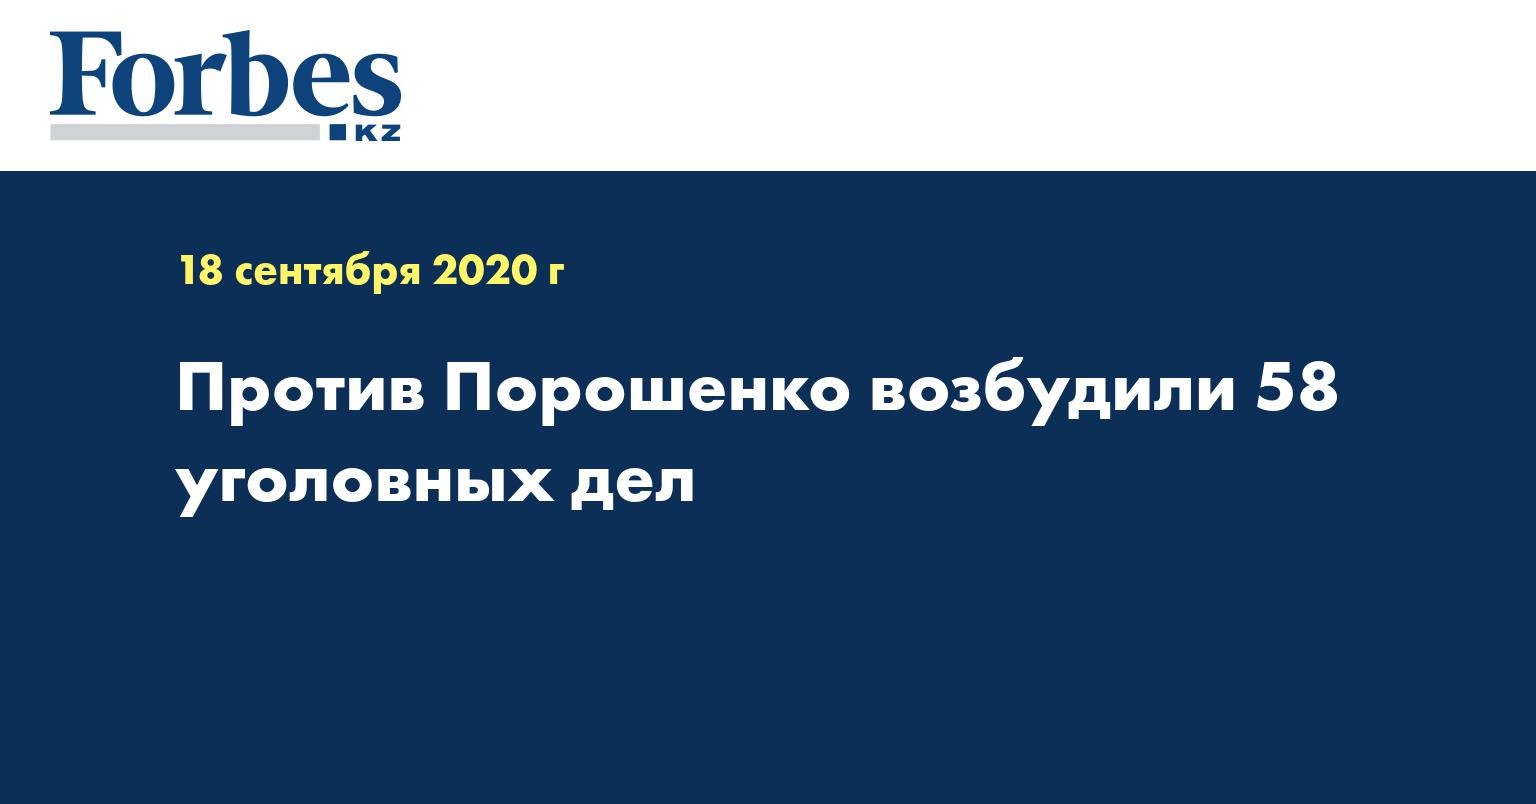 Против Порошенко возбудили 58 уголовных дел